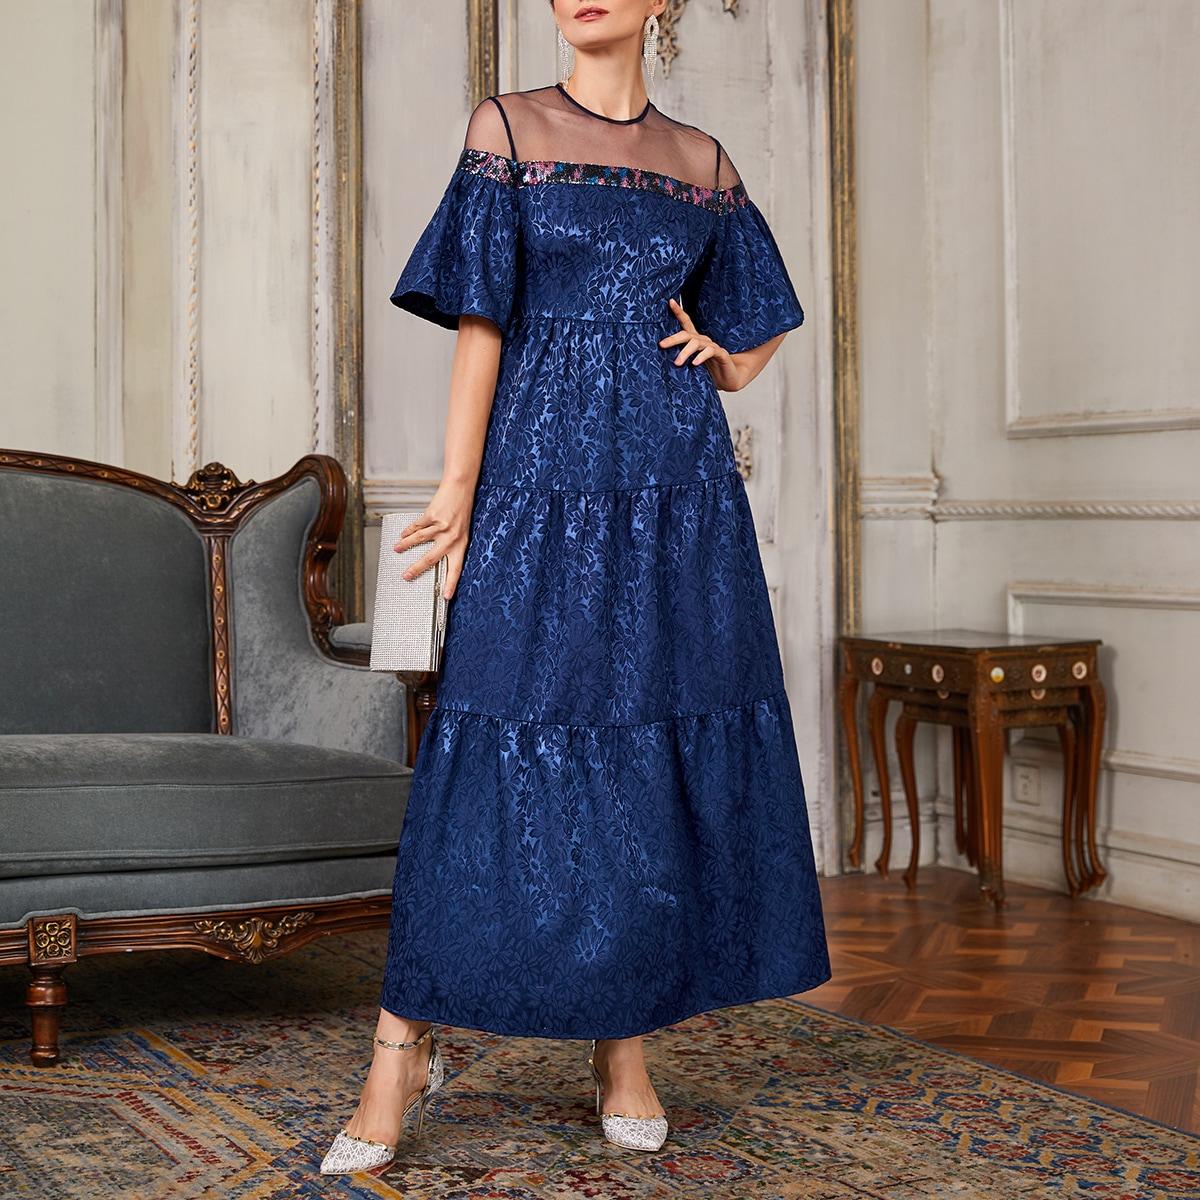 Жаккардовое платье с сетчатой вставкой и блестками